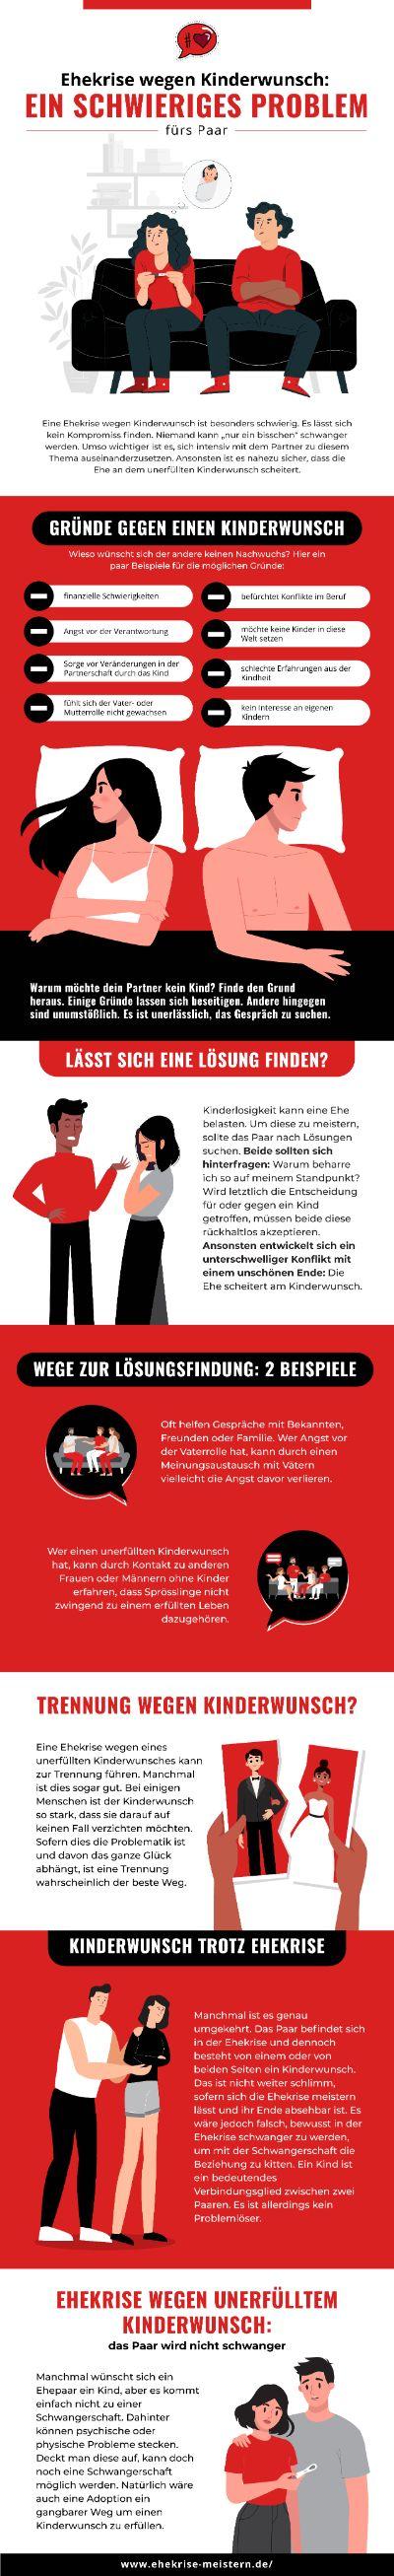 Infografik Ehekrise Wegen Kinderwunsch: Ein Schwieriges Problem Fürs Paar